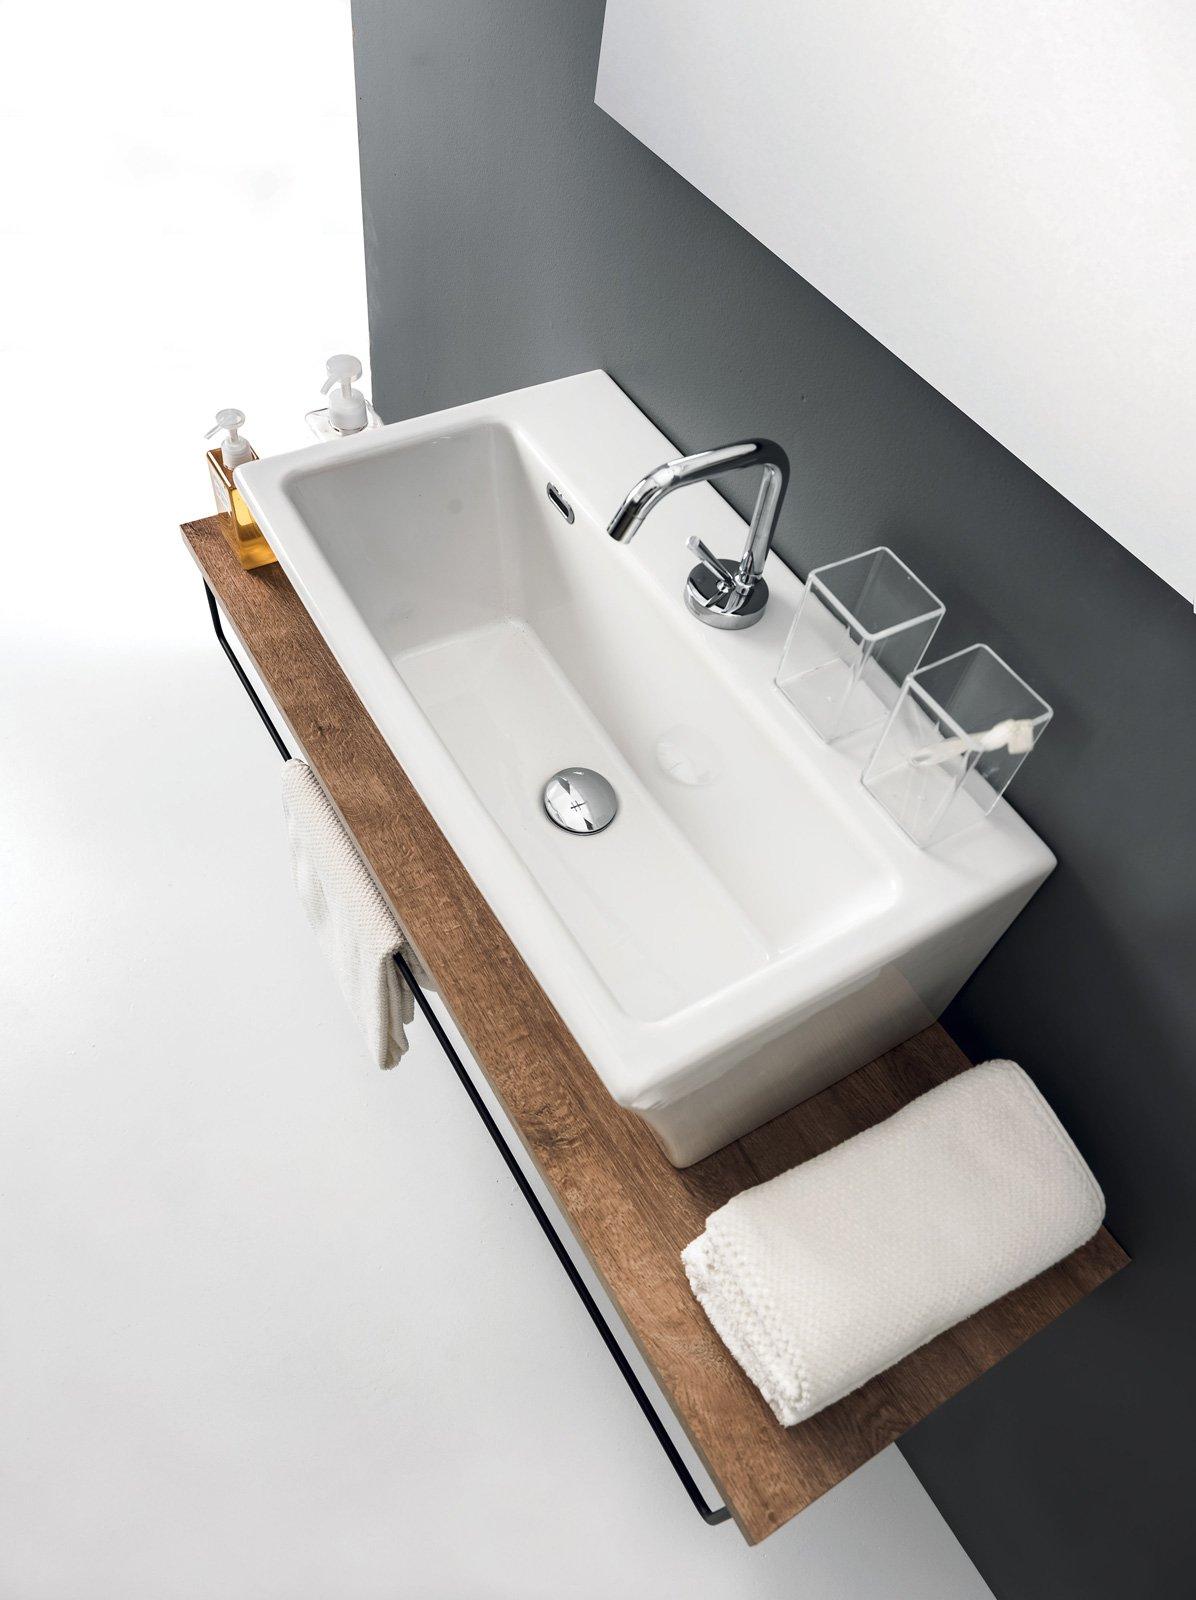 Lavabo bagno profondit 30 cm termosifoni in ghisa scheda tecnica for Termosifoni per bagno prezzi